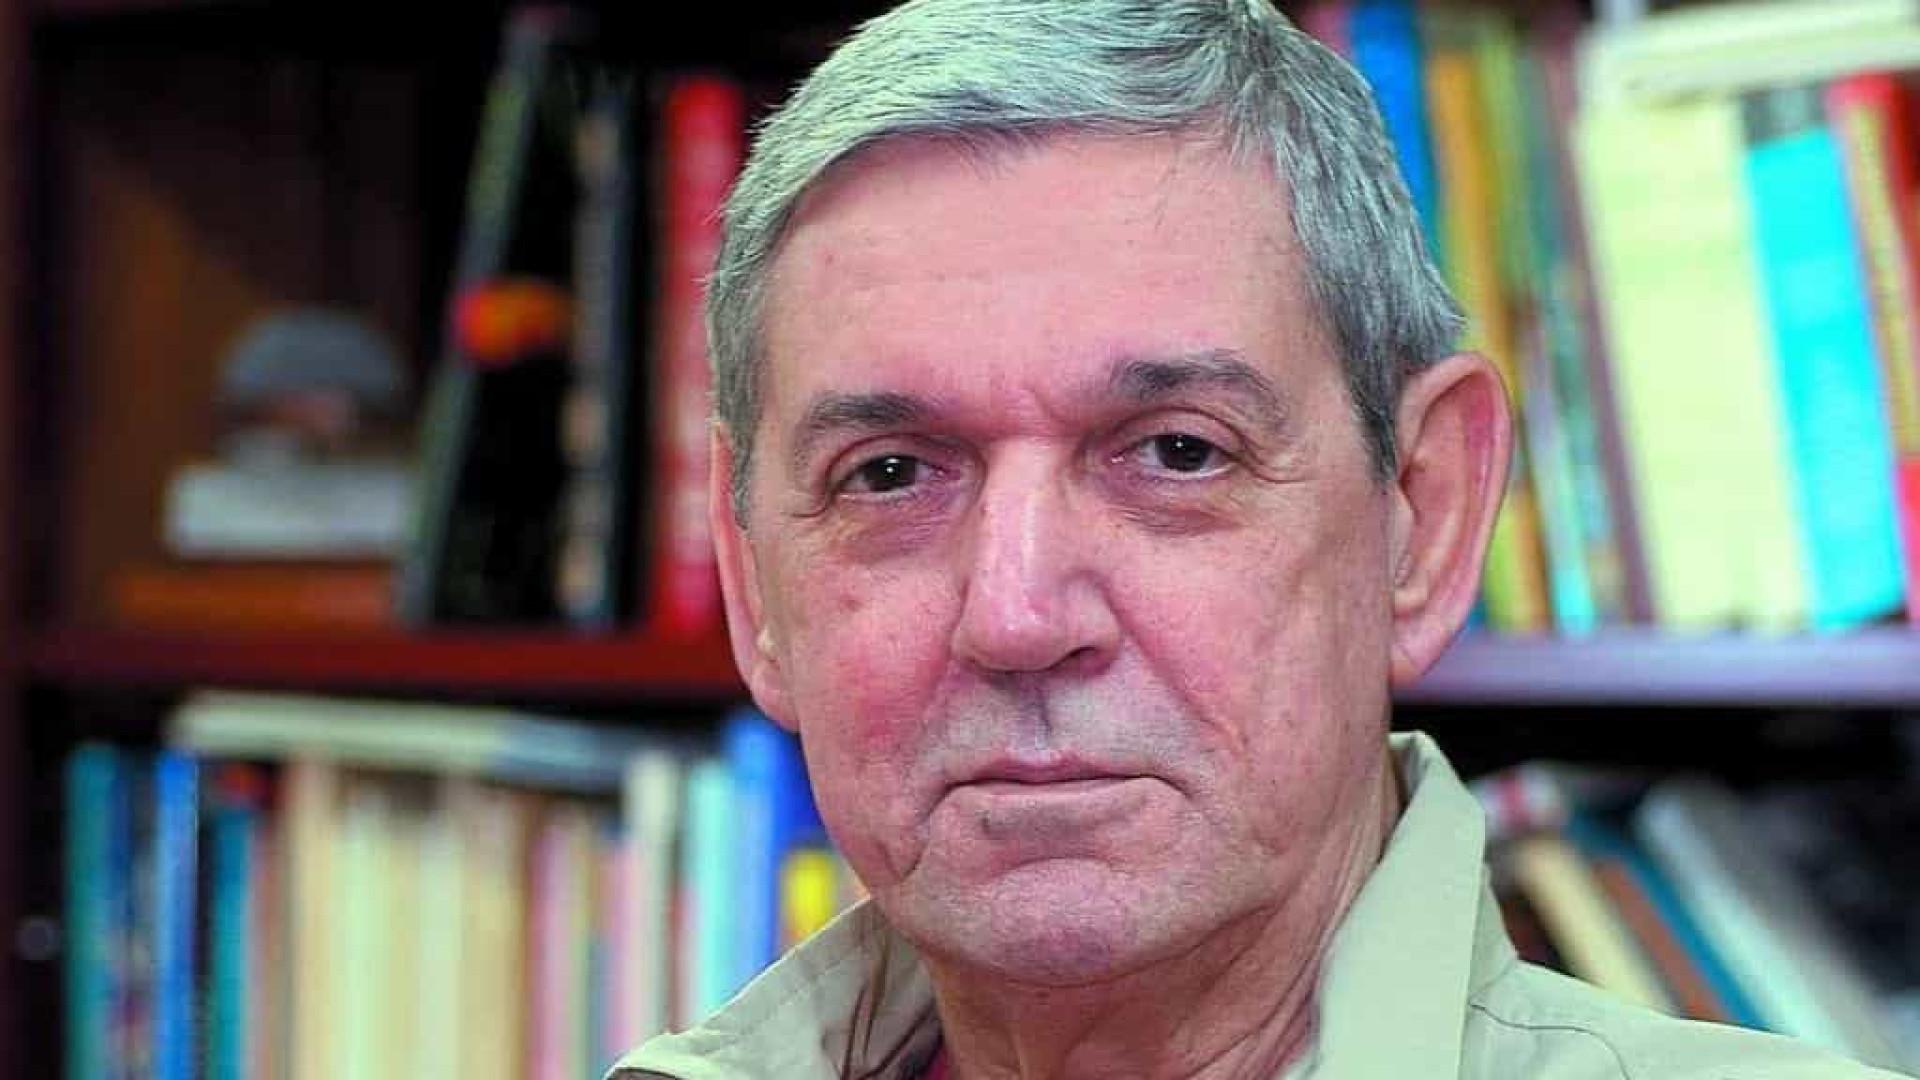 Morre, aos 84 anos, cientista político Wanderley Guilherme dos Santos